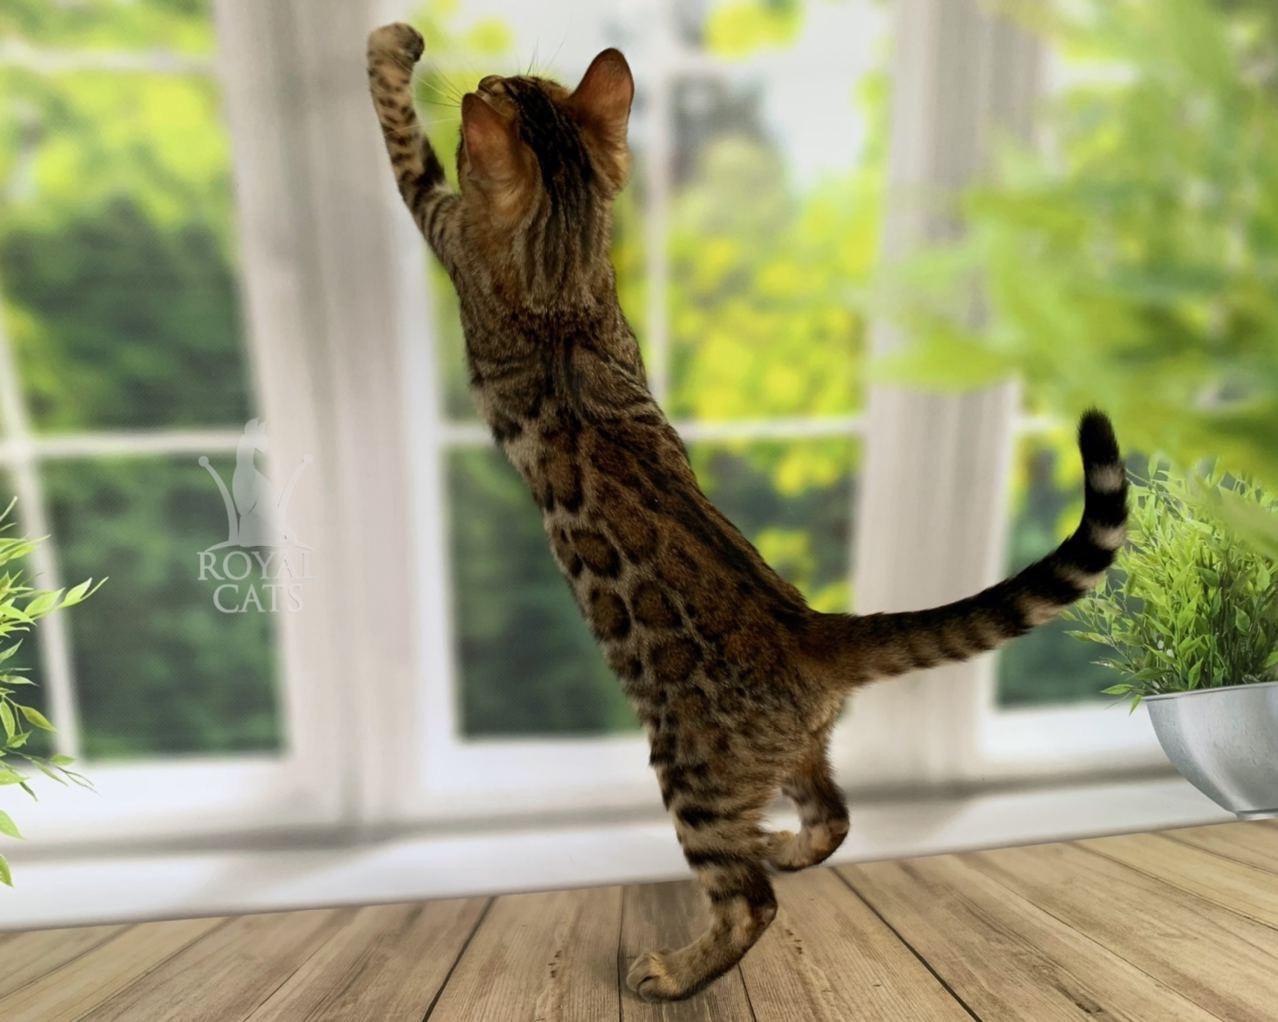 Мальчик бенгал, др. 11.06.2020. Бенгальские котята из питомника Royal Cats. Украина, Киев